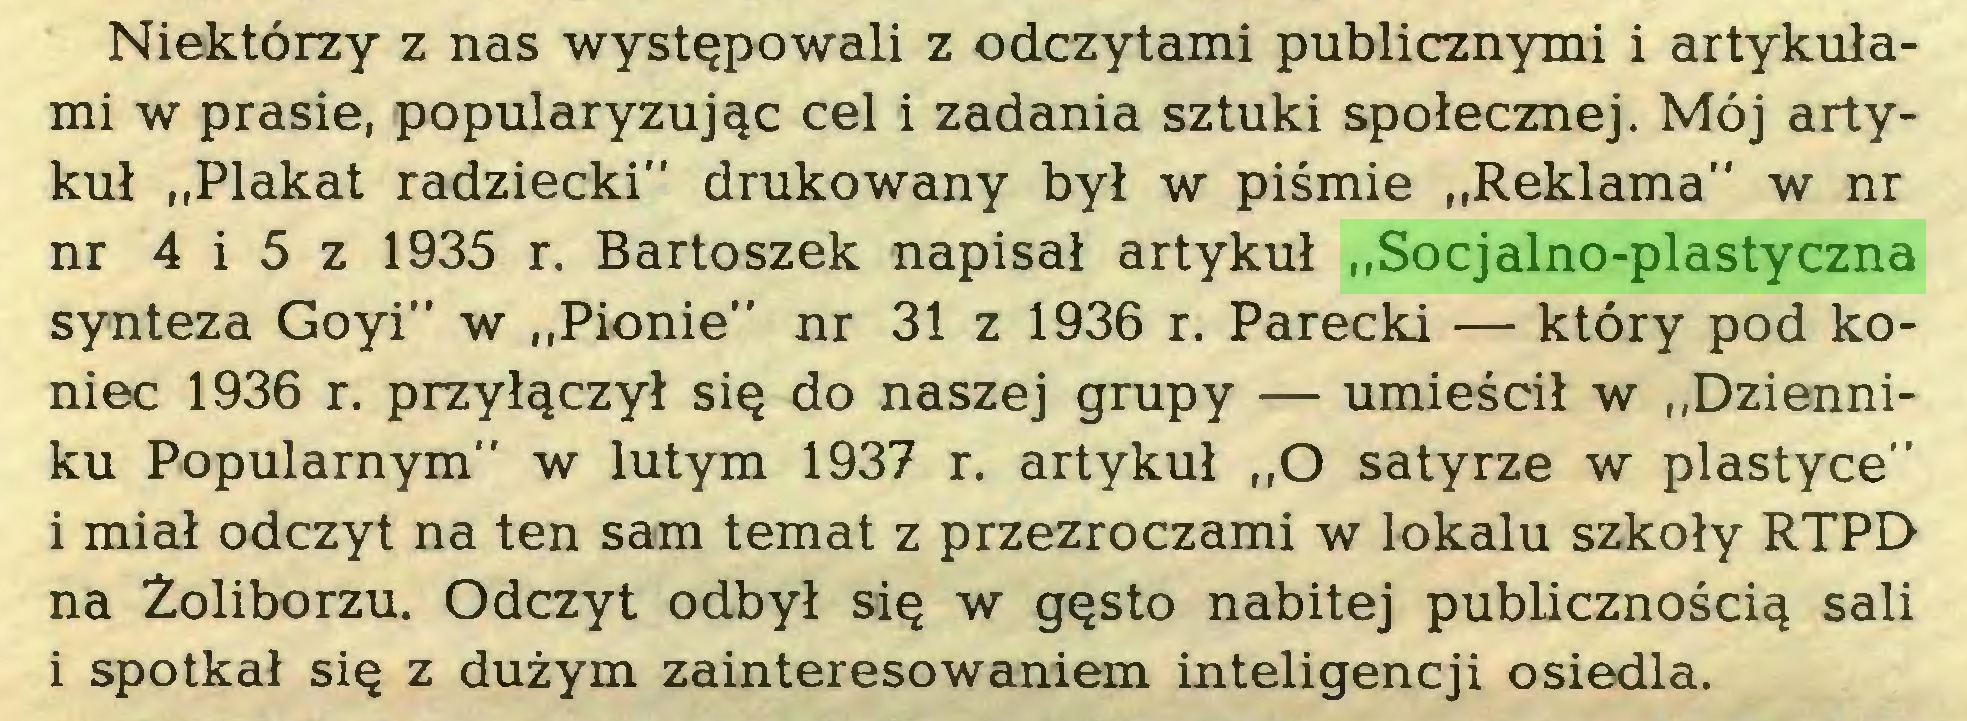 """(...) Niektórzy z nas występowali z odczytami publicznymi i artykułami w prasie, popularyzując cel i zadania sztuki społecznej. Mój artykuł """"Plakat radziecki"""" drukowany był w piśmie """"Reklama"""" w nr nr 4 i 5 z 1935 r. Bartoszek napisał artykuł """"Socjalno-plastyczna synteza Goyi"""" w """"Pionie"""" nr 31 z 1936 r. Parecki — który pod koniec 1936 r. przyłączył się do naszej grupy — umieścił w """"Dzienniku Popularnym"""" w lutym 1937 r. artykuł """"O satyrze w plastyce"""" i miał odczyt na ten sam temat z przezroczami w lokalu szkoły RTPD na Żoliborzu. Odczyt odbył się w gęsto nabitej publicznością sali i spotkał się z dużym zainteresowaniem inteligencji osiedla..."""